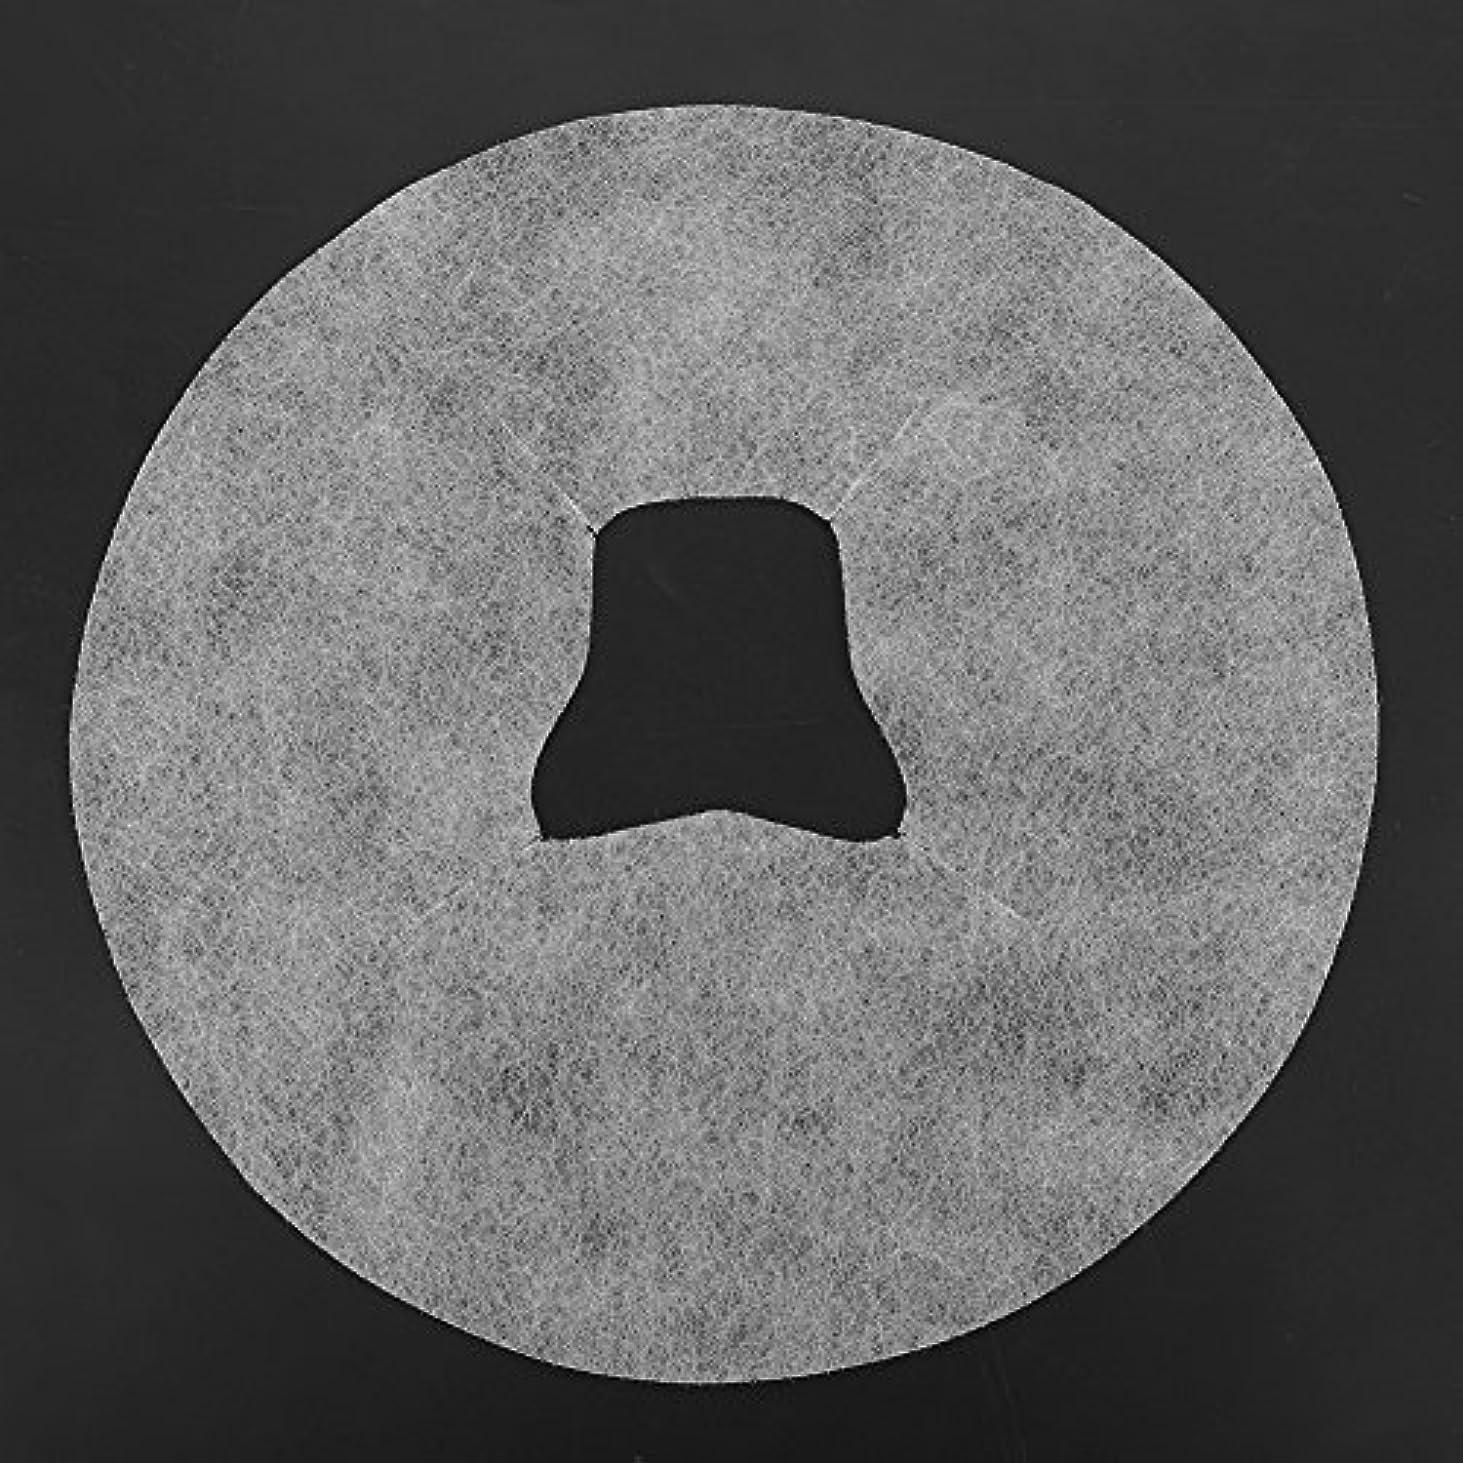 密パターンパンツSoarUp 【100枚入】 フェイスマッサージパッド 使い捨てタオル 顔用 使い捨て 不織布材料 通気性 美容院?スパ?美容マッサージ専用 衛生的 安全 ホワイト